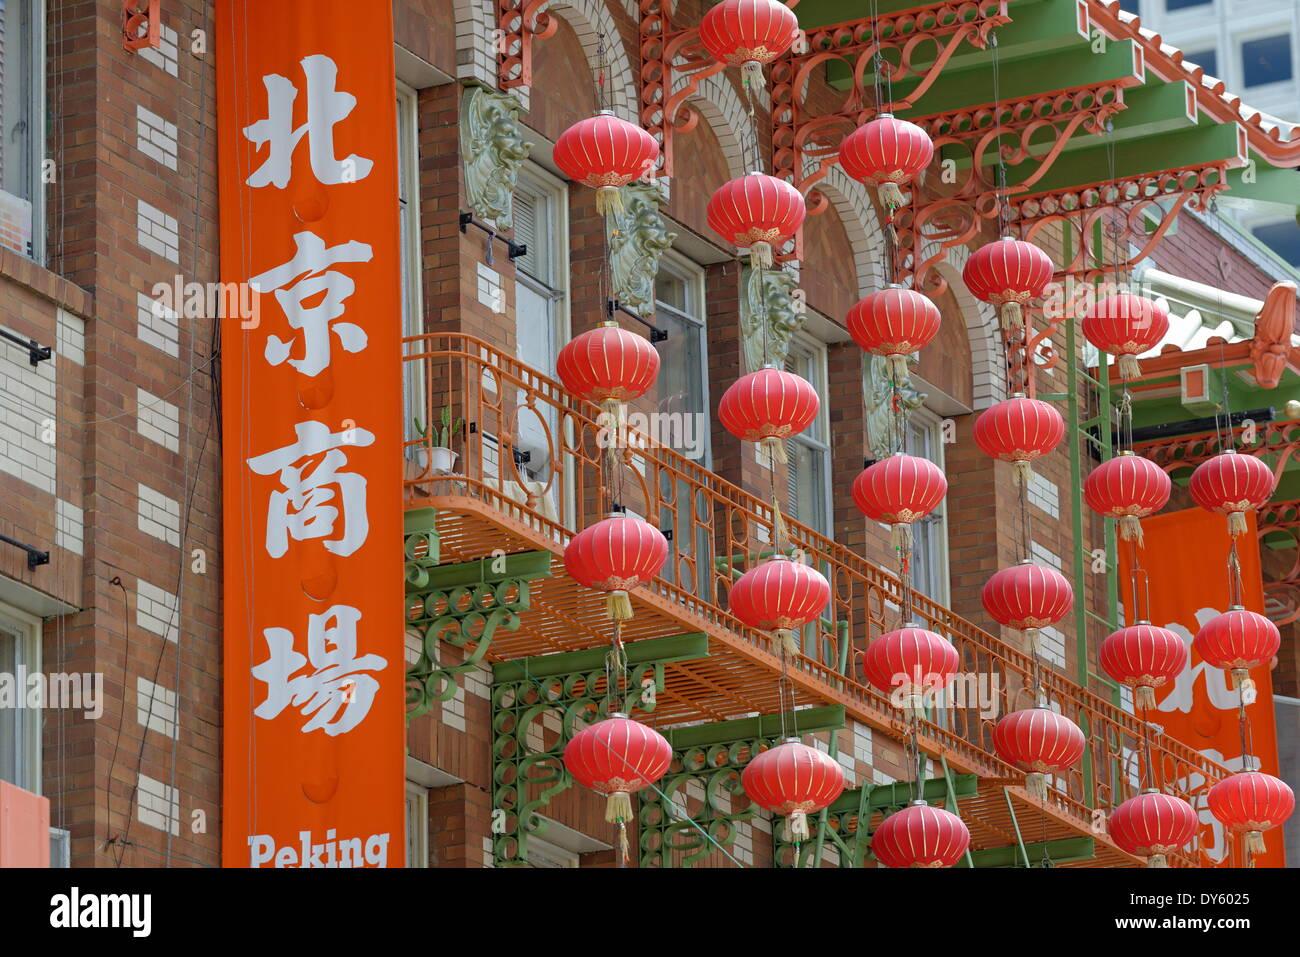 Les lanternes dans le quartier chinois, San Francisco, Californie, États-Unis d'Amérique, Amérique du Nord Photo Stock